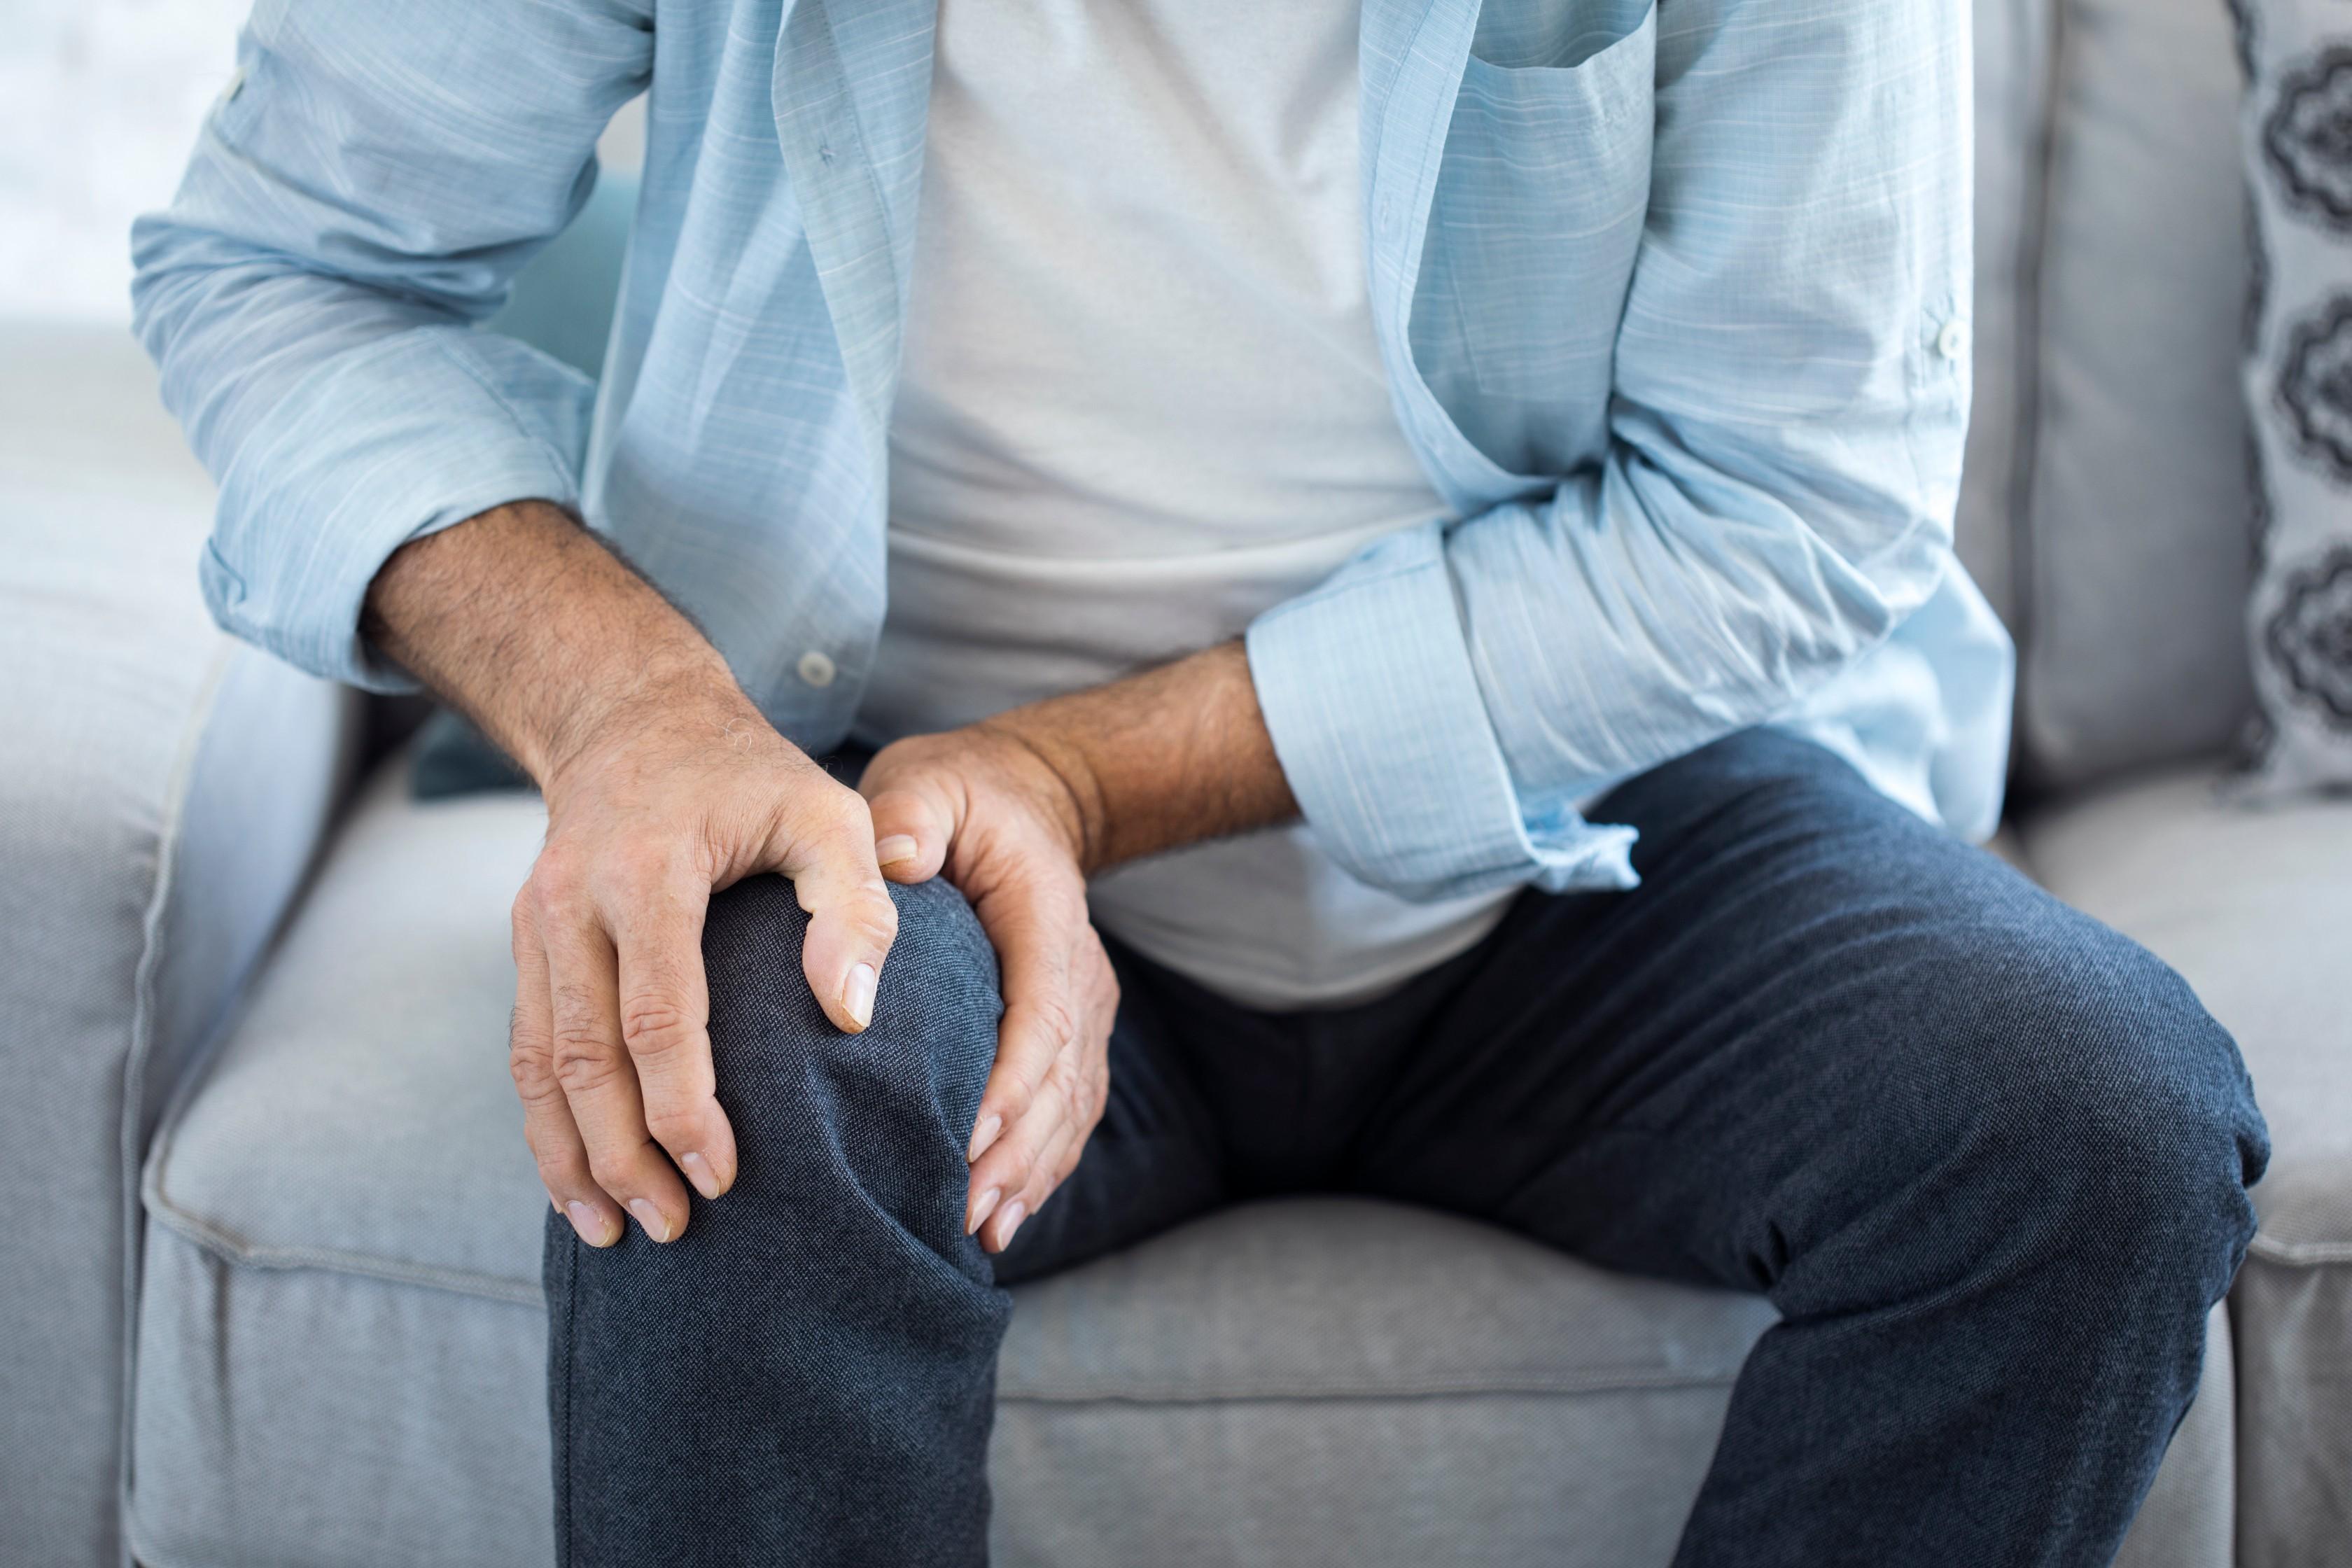 Tüsszentéskor is belehasít a derékfájdalom?